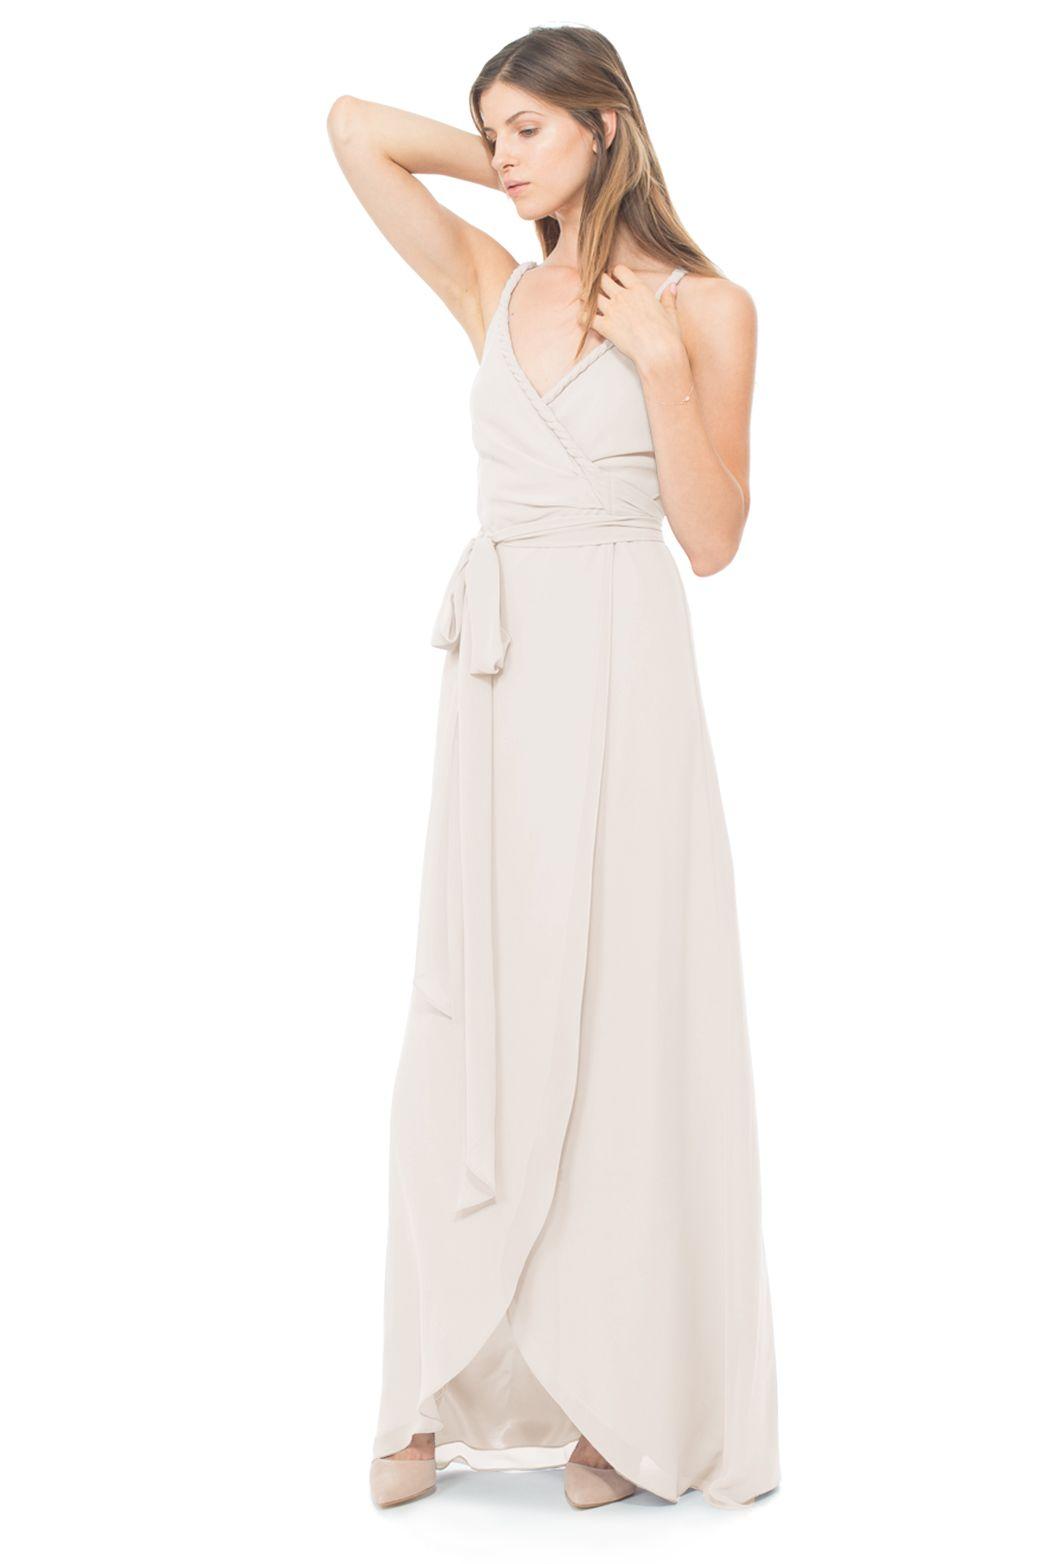 Parker long long bridesmaid dresses bridal party color schemes